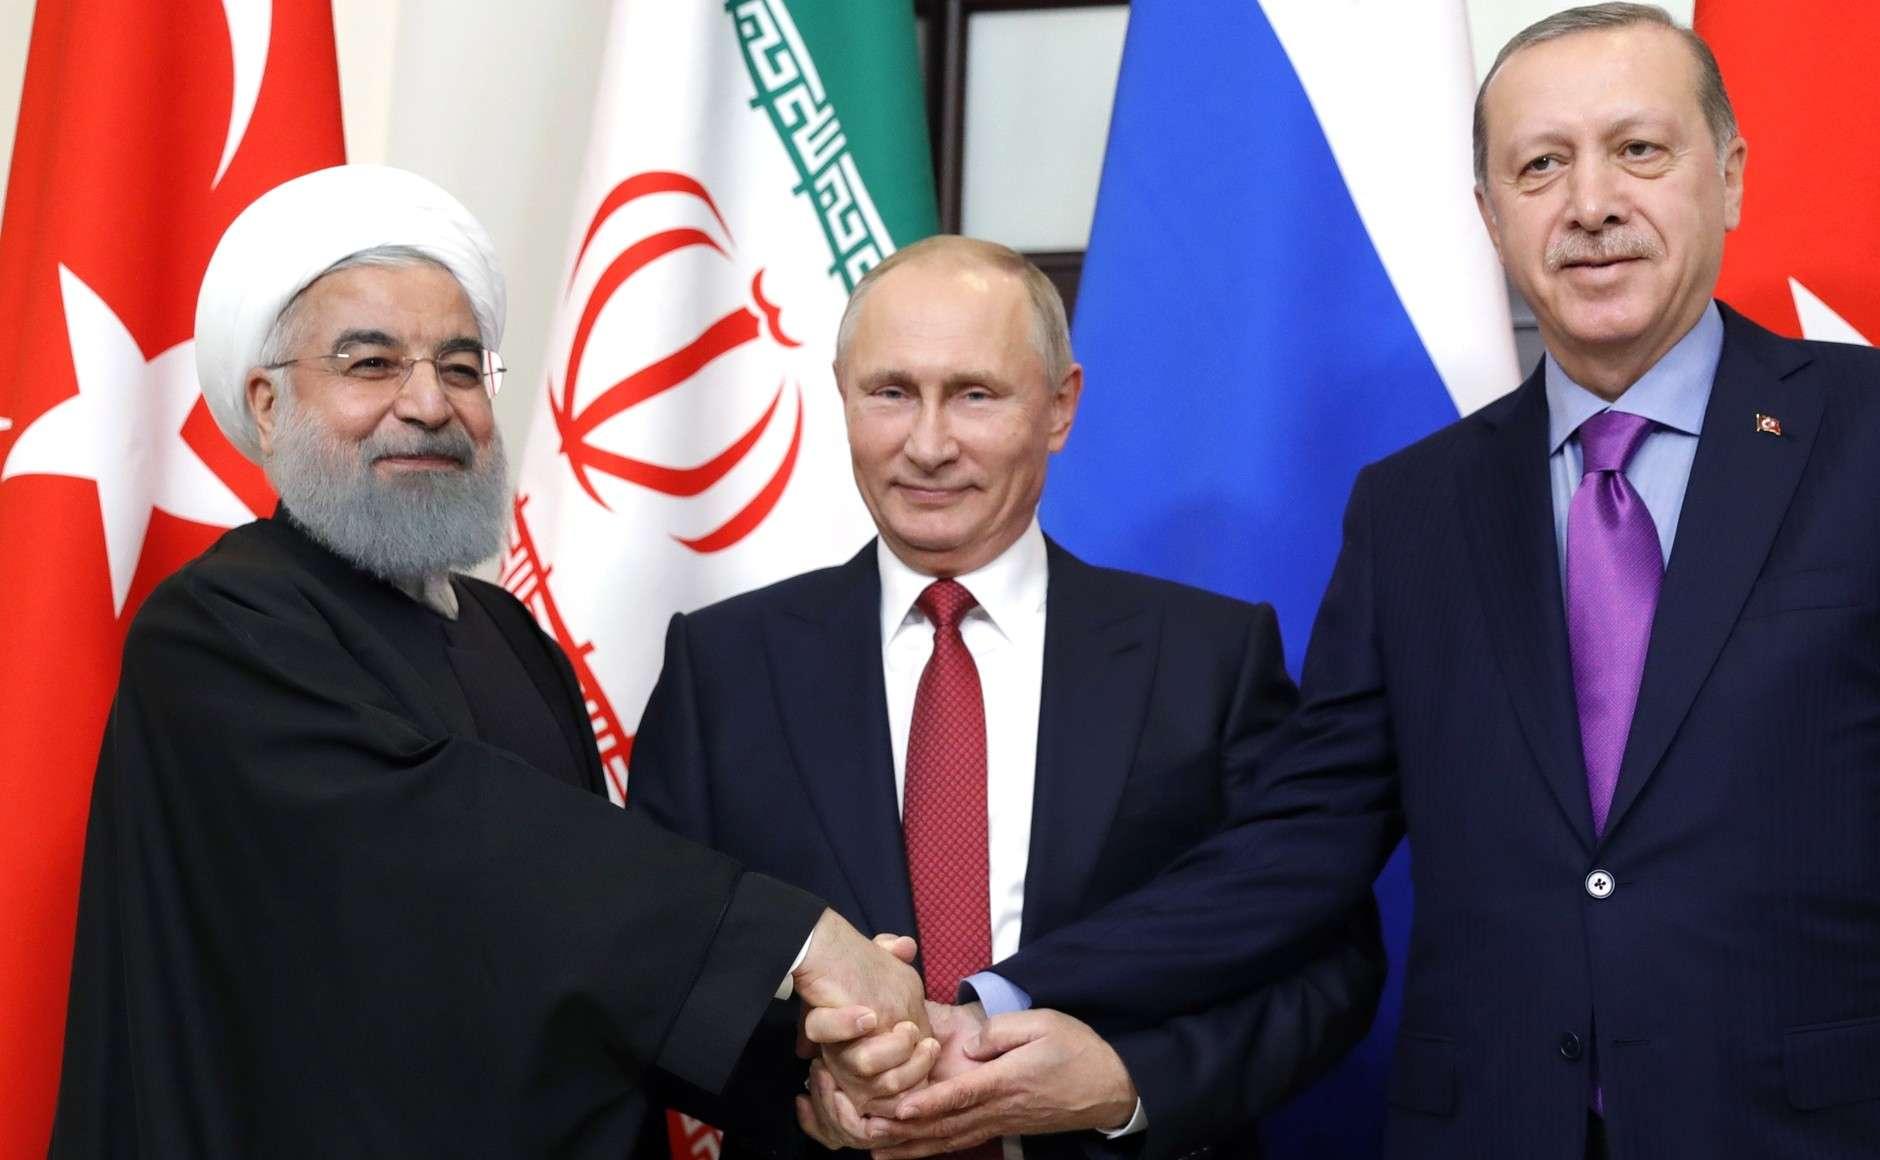 Putin Rouhani Erdogan meeting